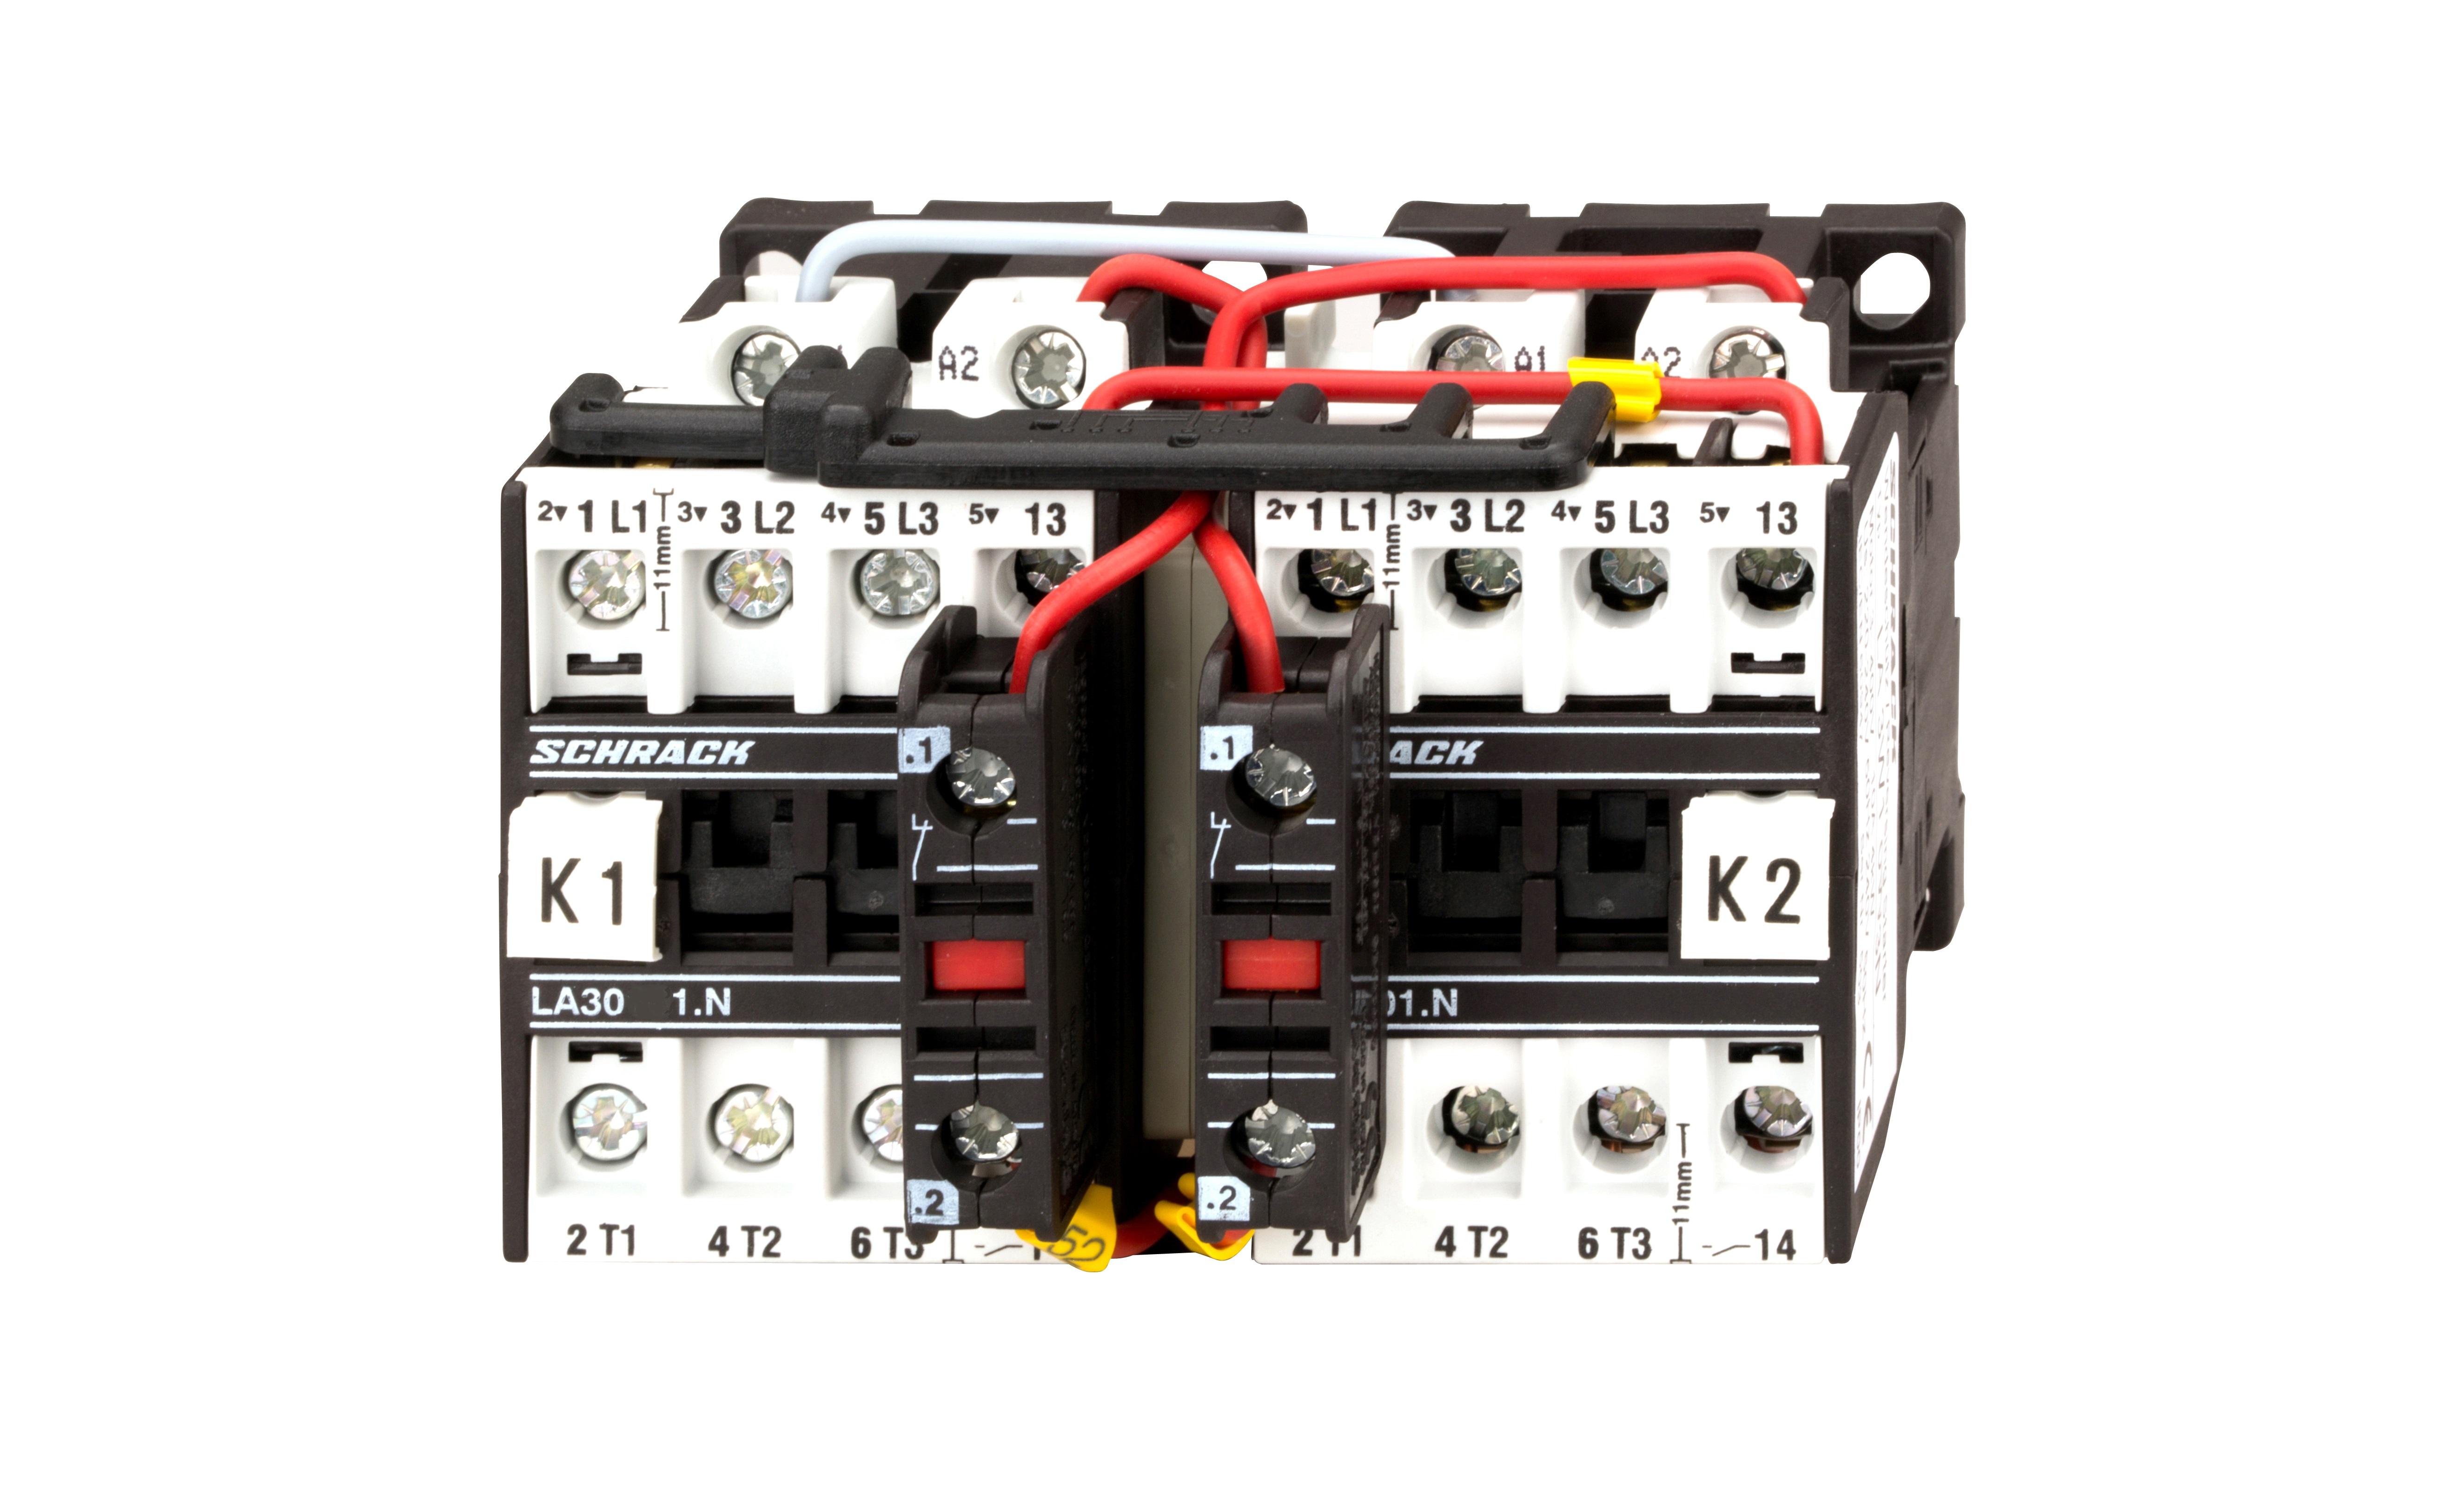 1 Stk Wendeschützkombination 24A, 11kW, 230VAC LA3W24W3--